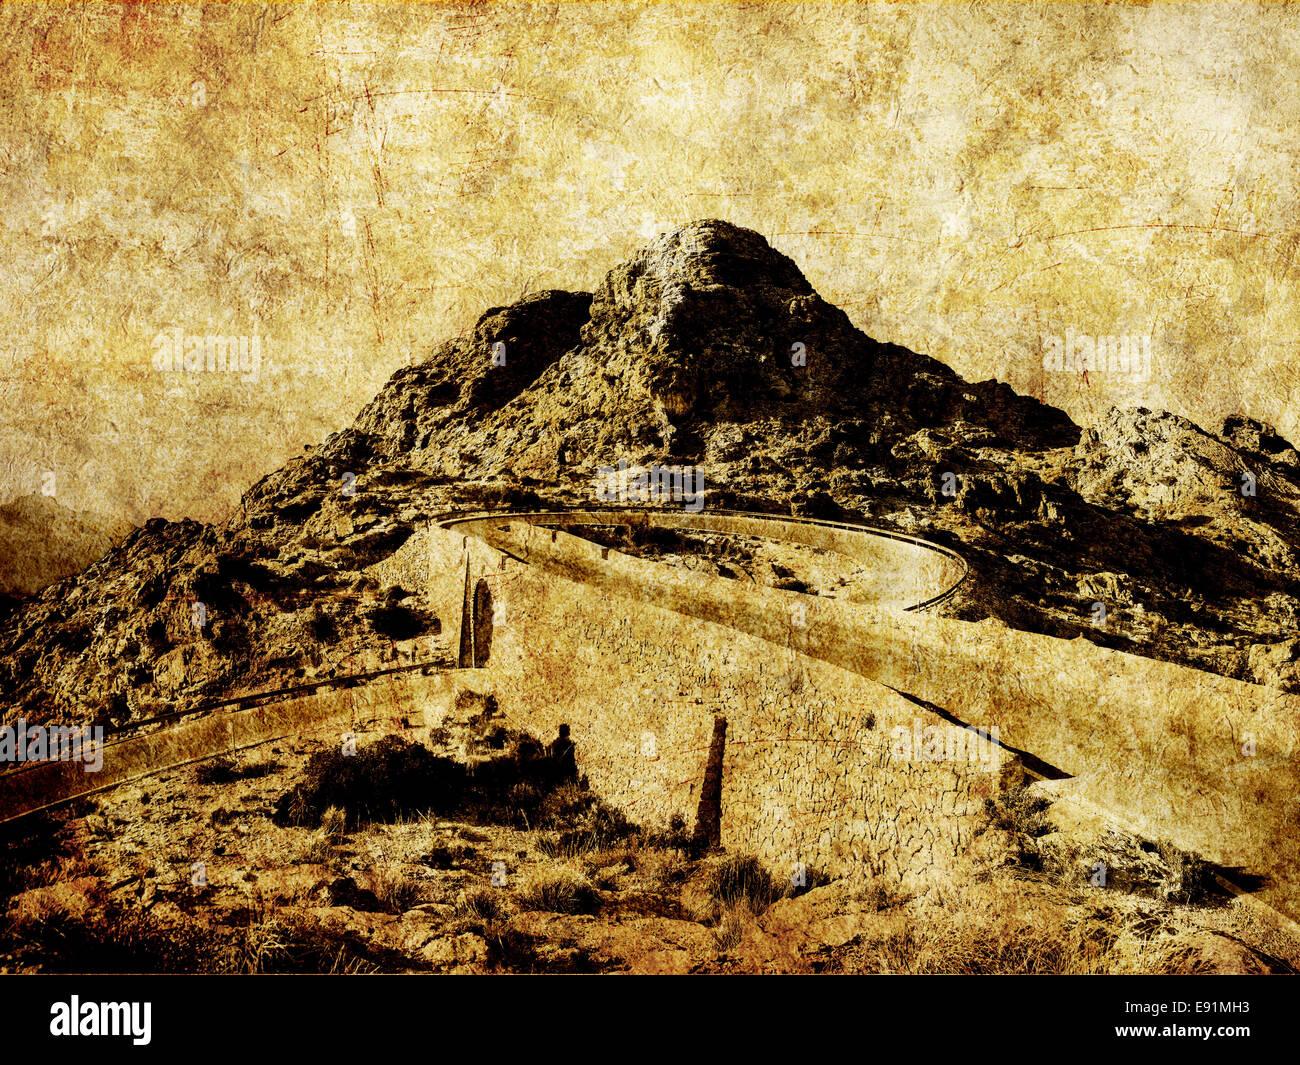 Sa Colobra, Majorca - Stock Image